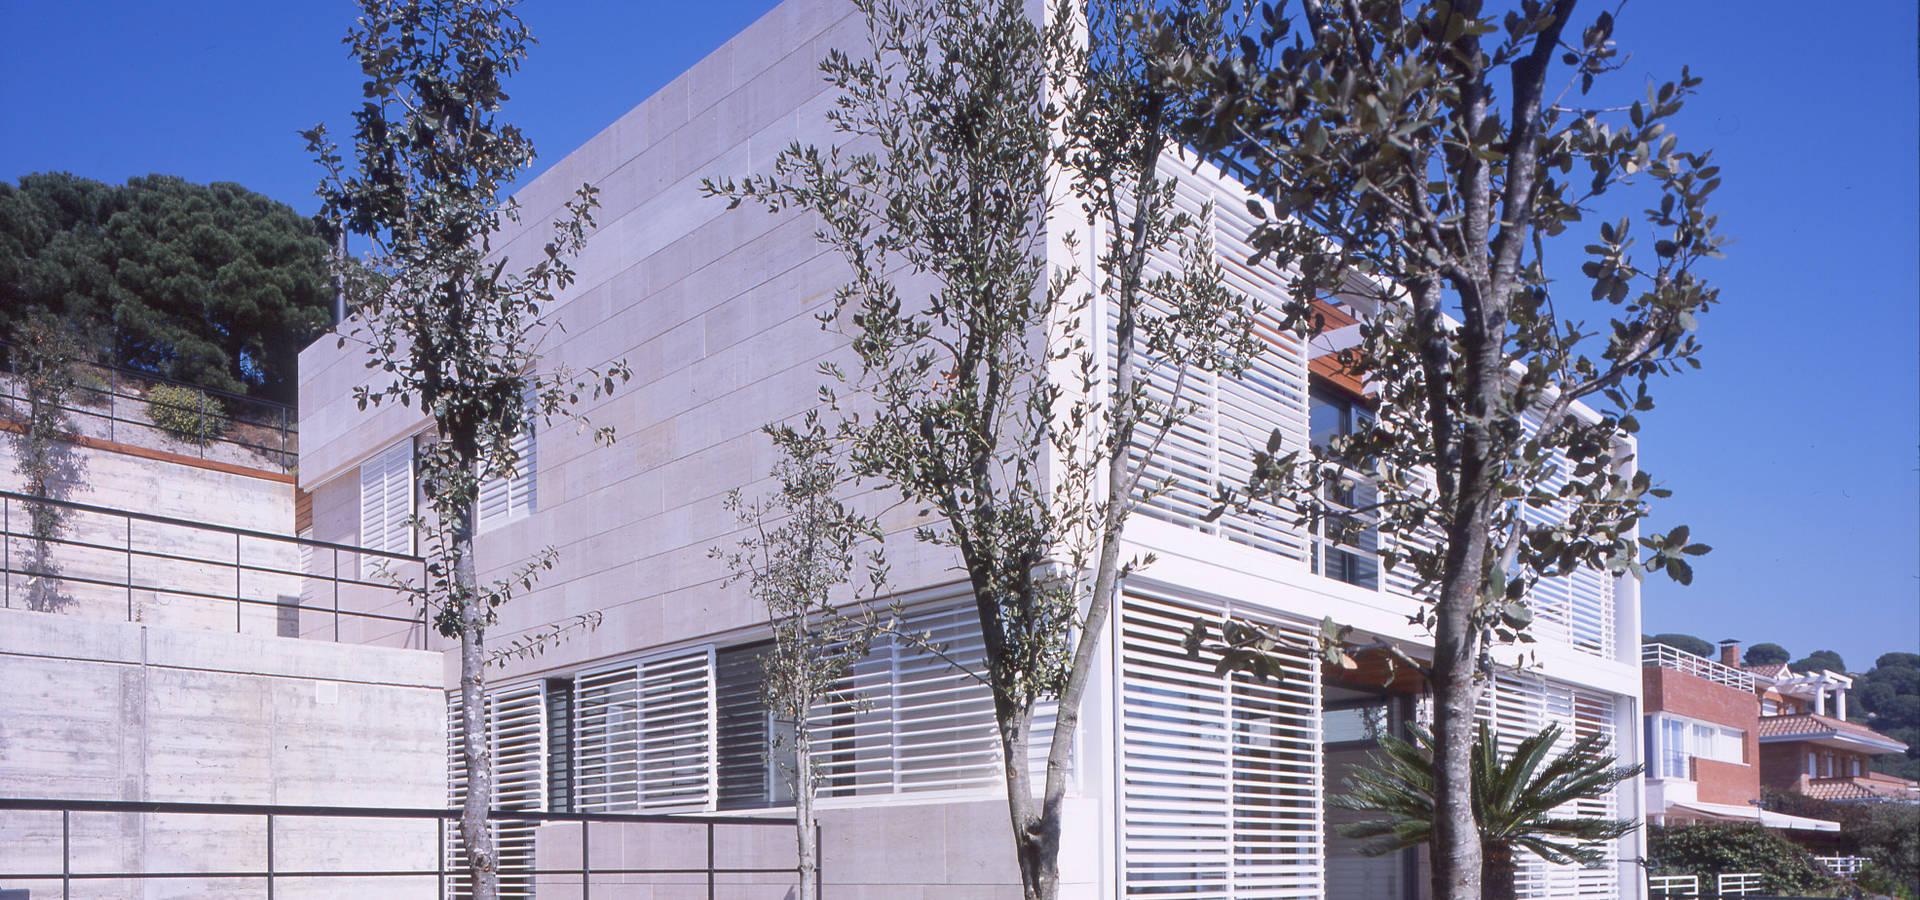 CACERES arquitectes